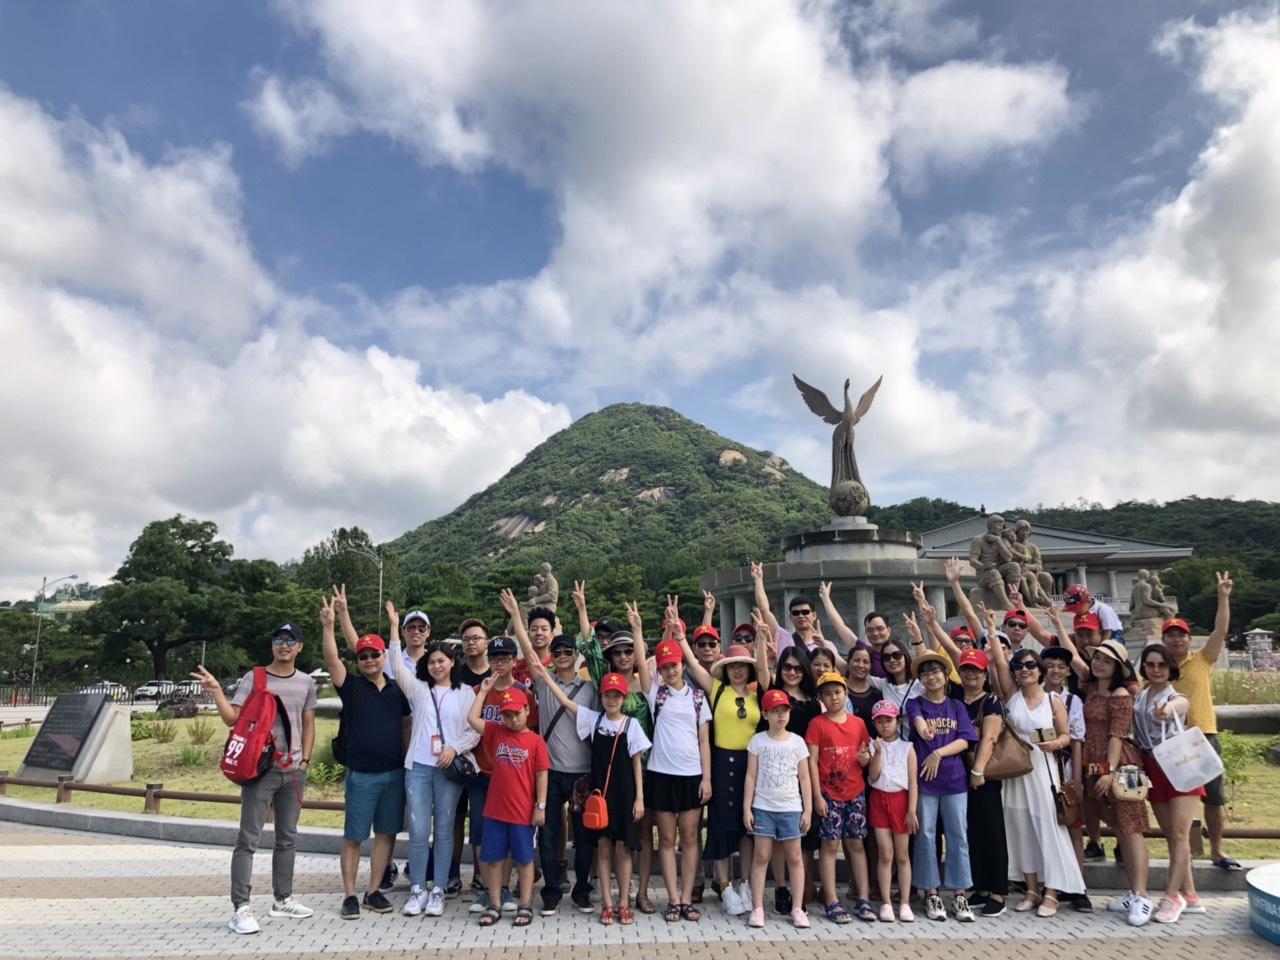 Tour Du Lịch Hàn Quốc 6 Ngày 5 Đêm - Seoul - Jeju - Nami - Everland